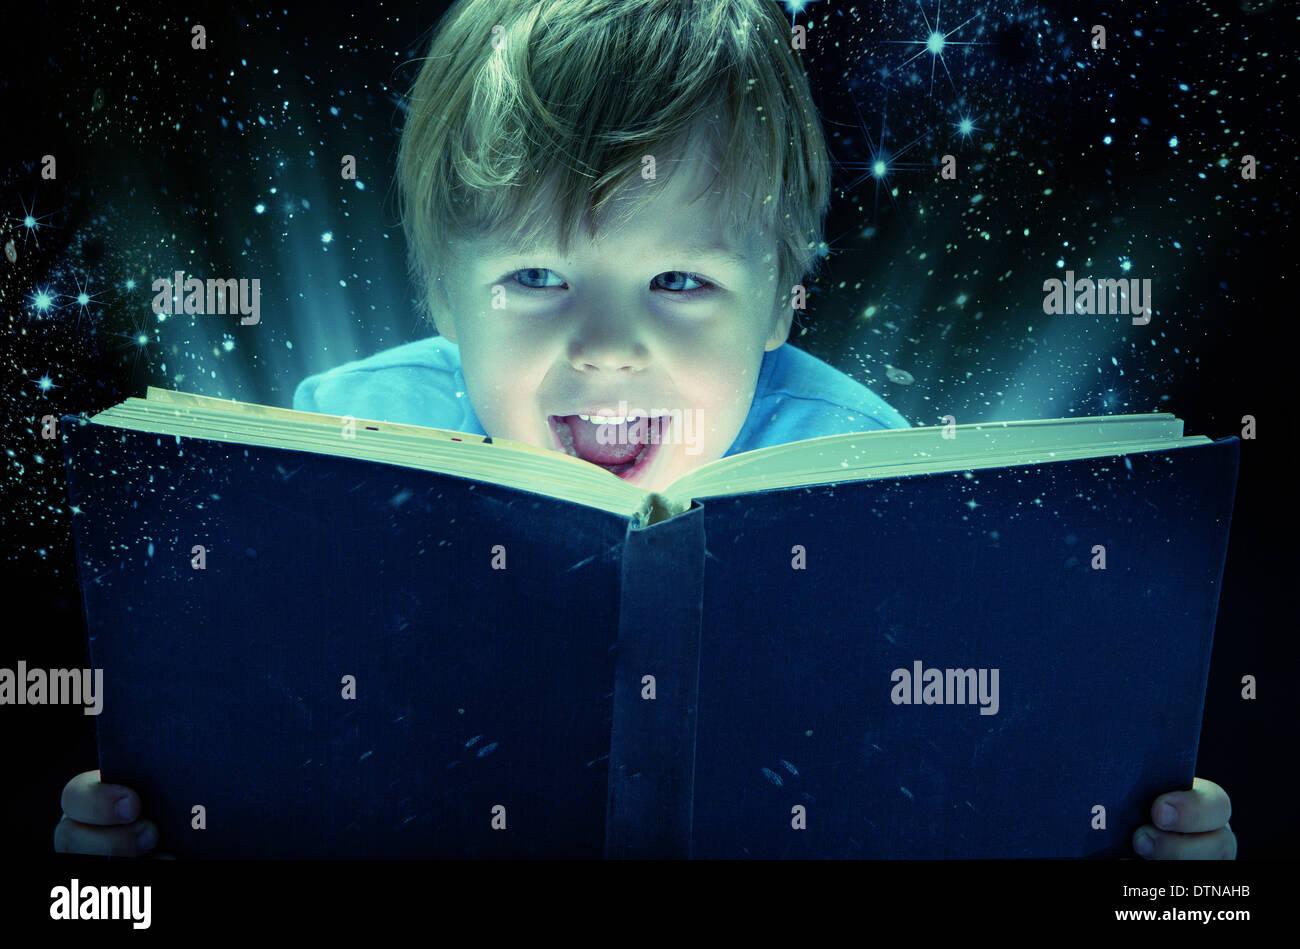 Kleinen junge mit alten Zauberbuch lachen Stockfoto